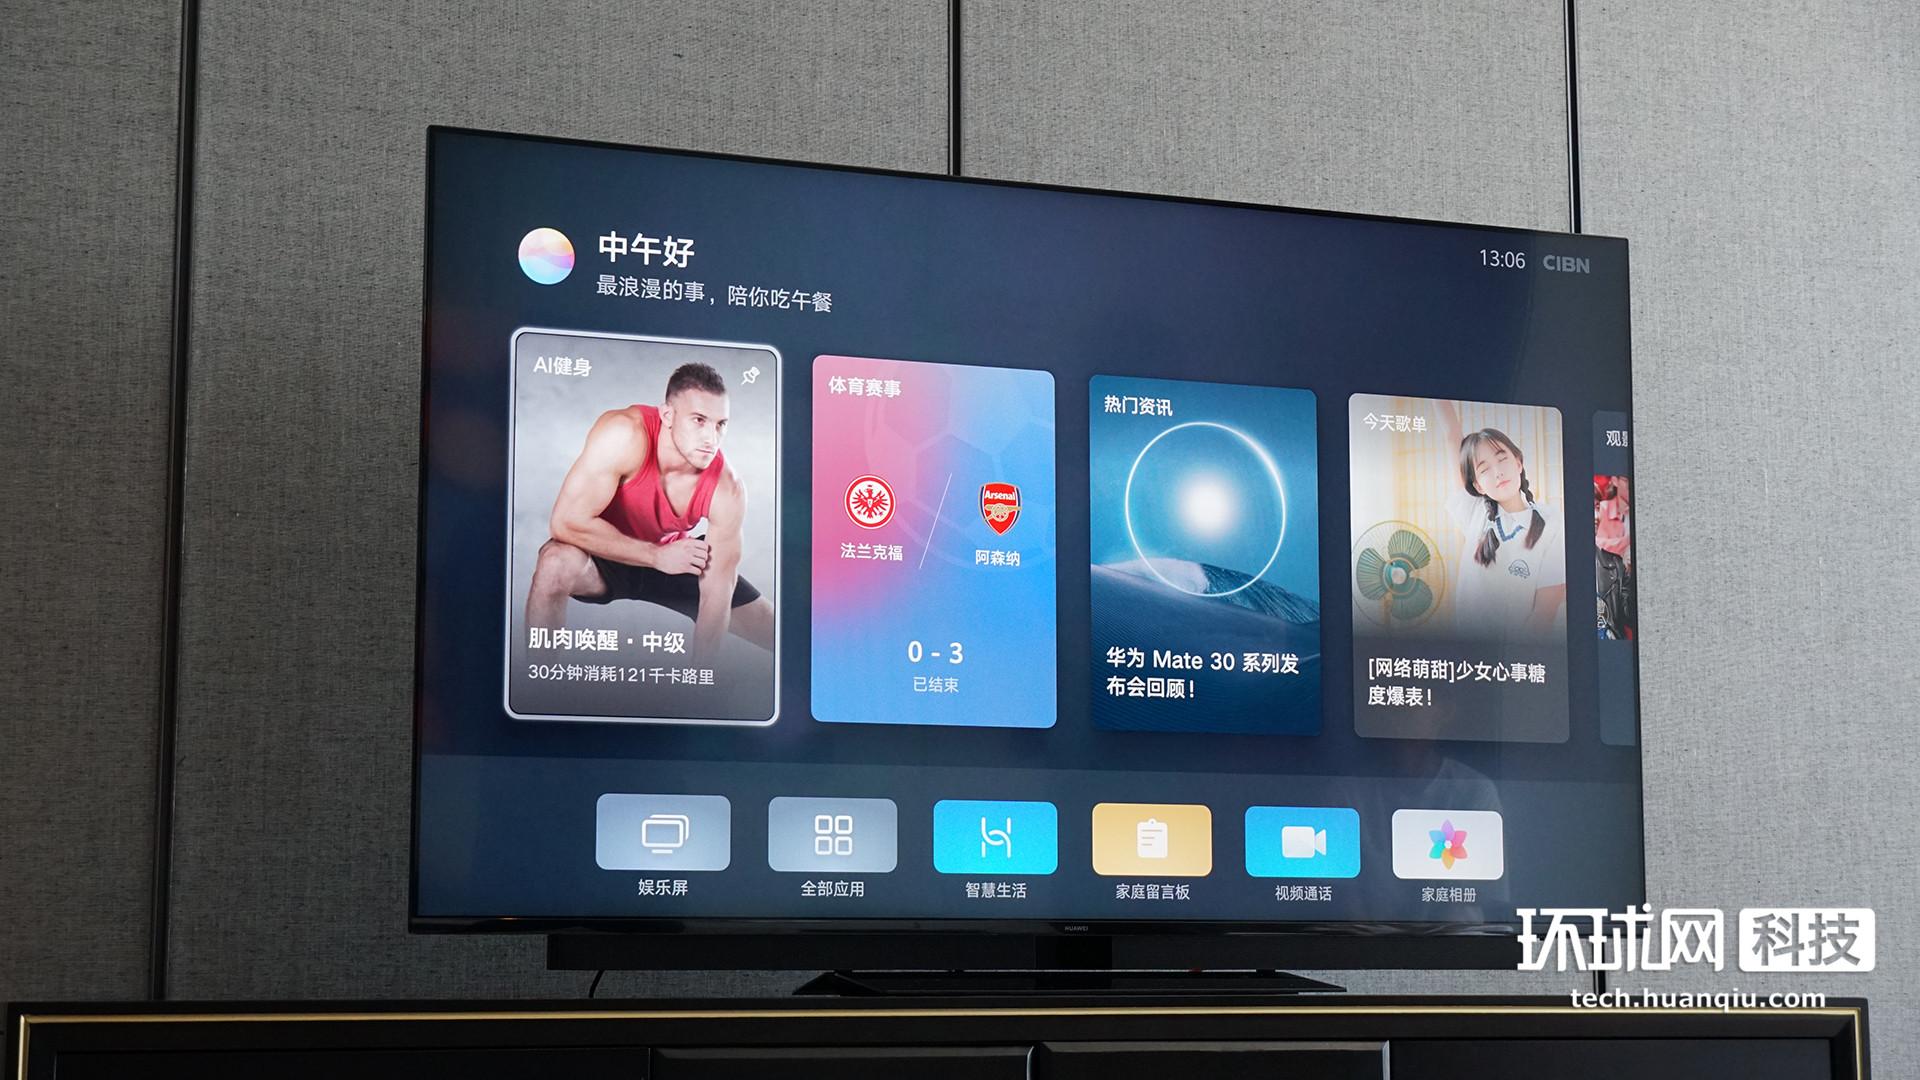 华为智慧屏初体验:它可能是未来电视的发展趋势